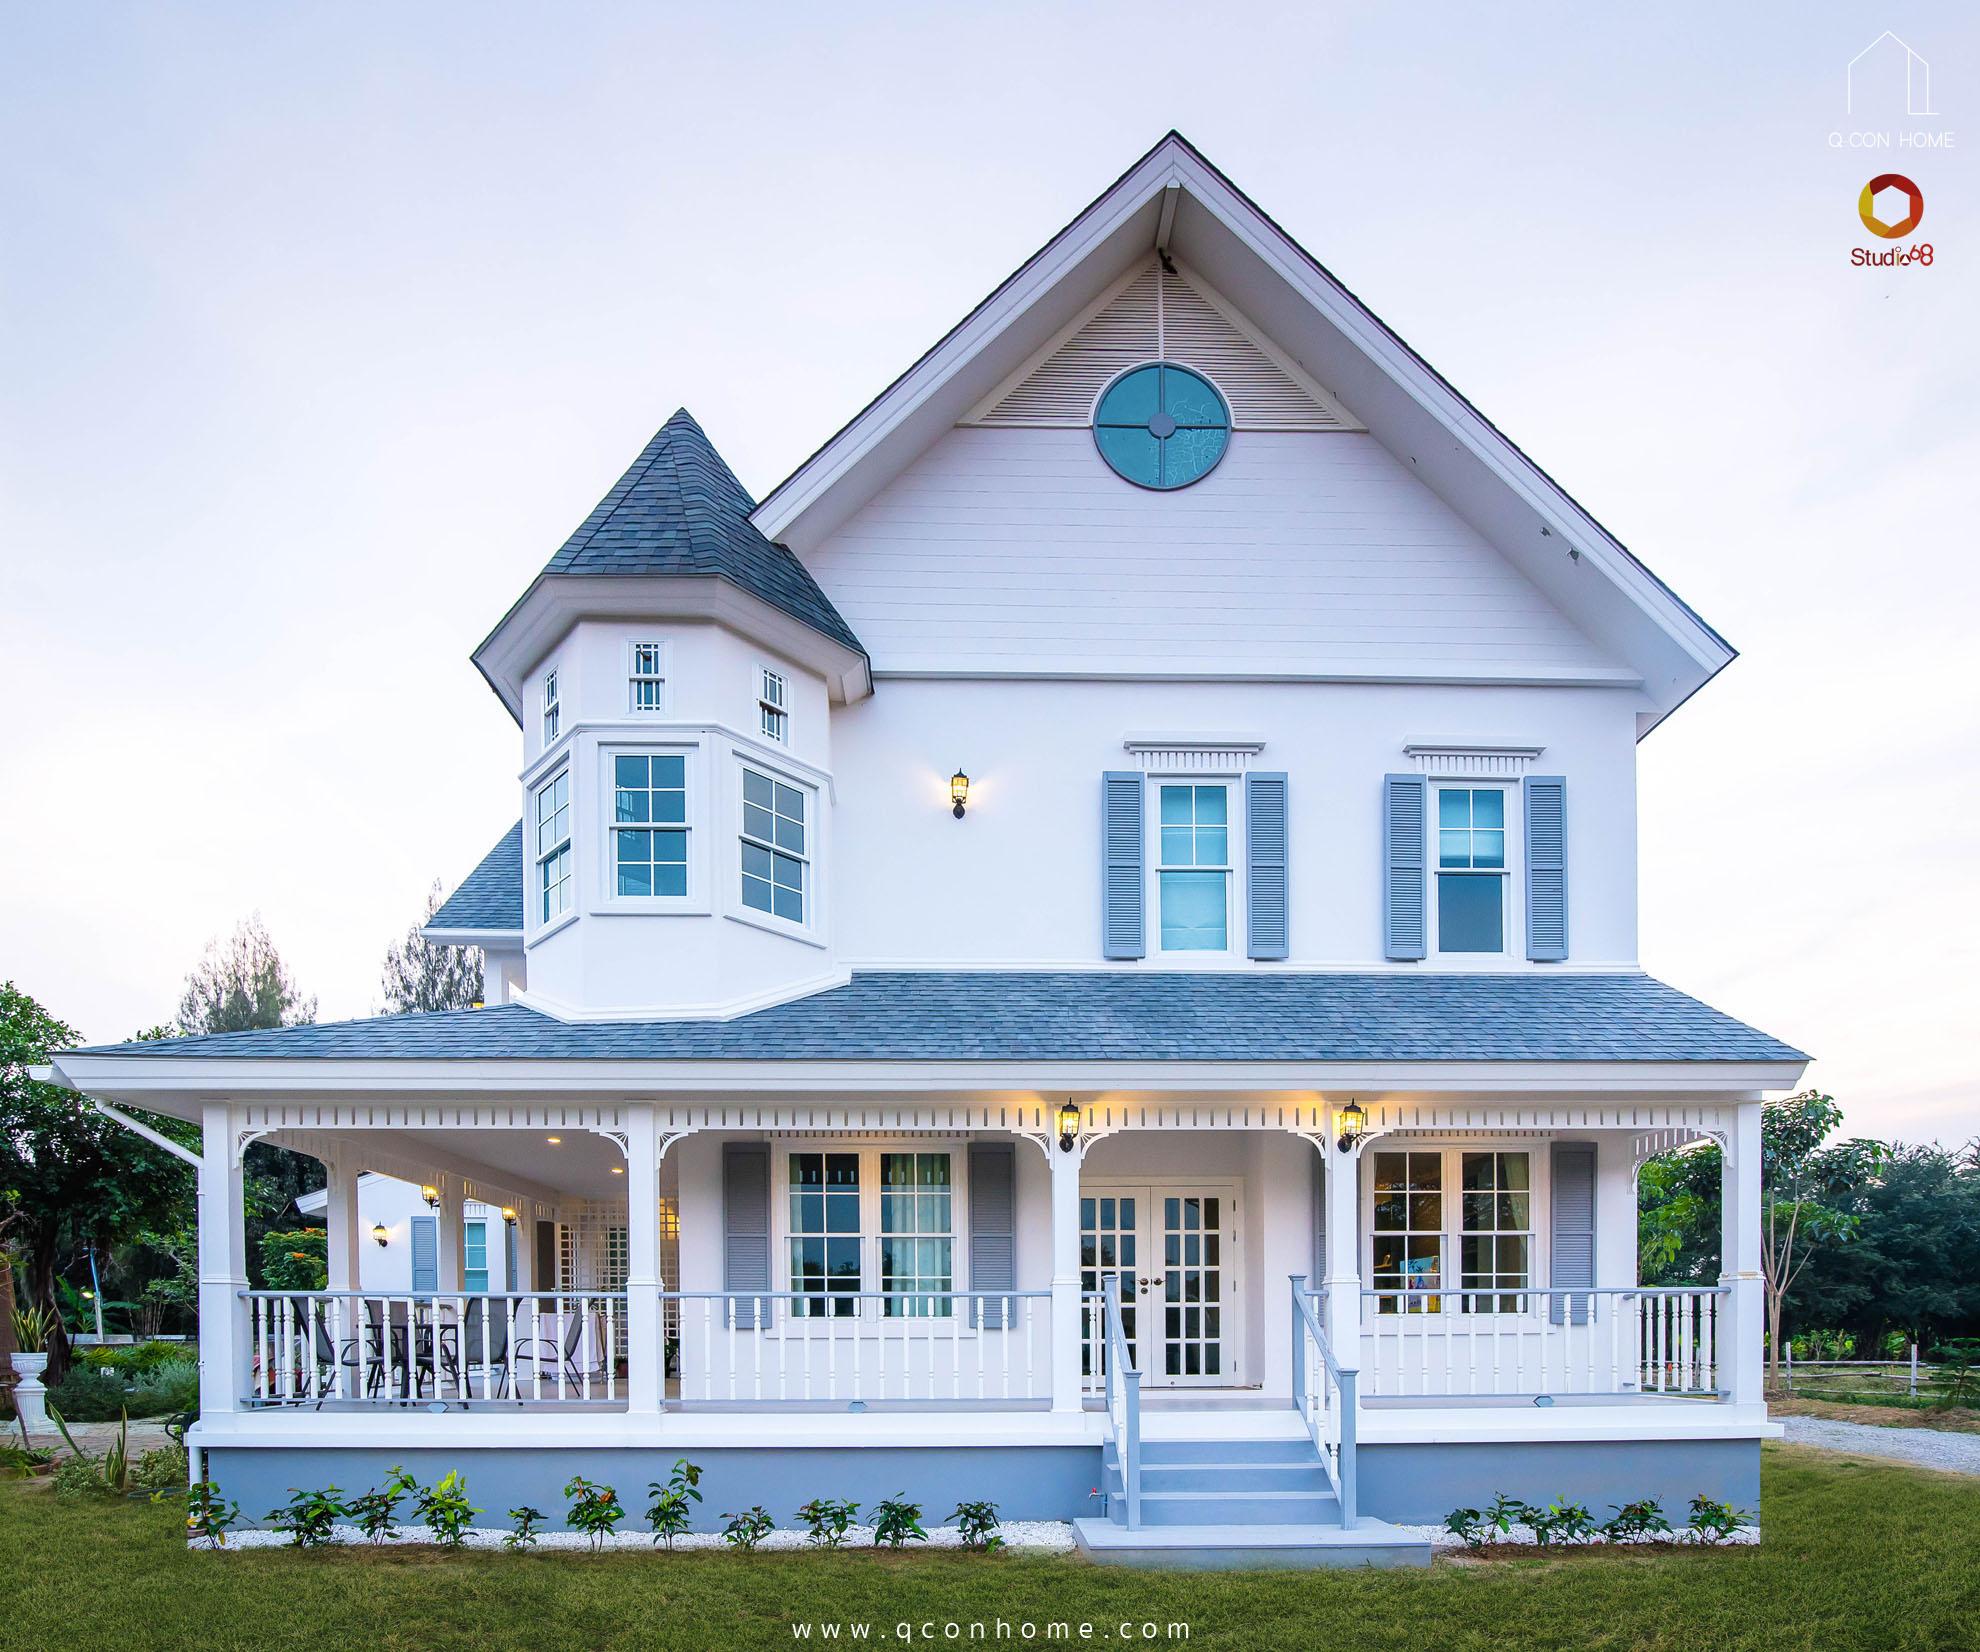 บริษัทรับสร้างบ้าน หัวหิน ออกแบบบ้าน รับสร้างบ้าน สร้างบ้านดี แบบบ้านสวย บ้านสไตล์คันทรี American Country